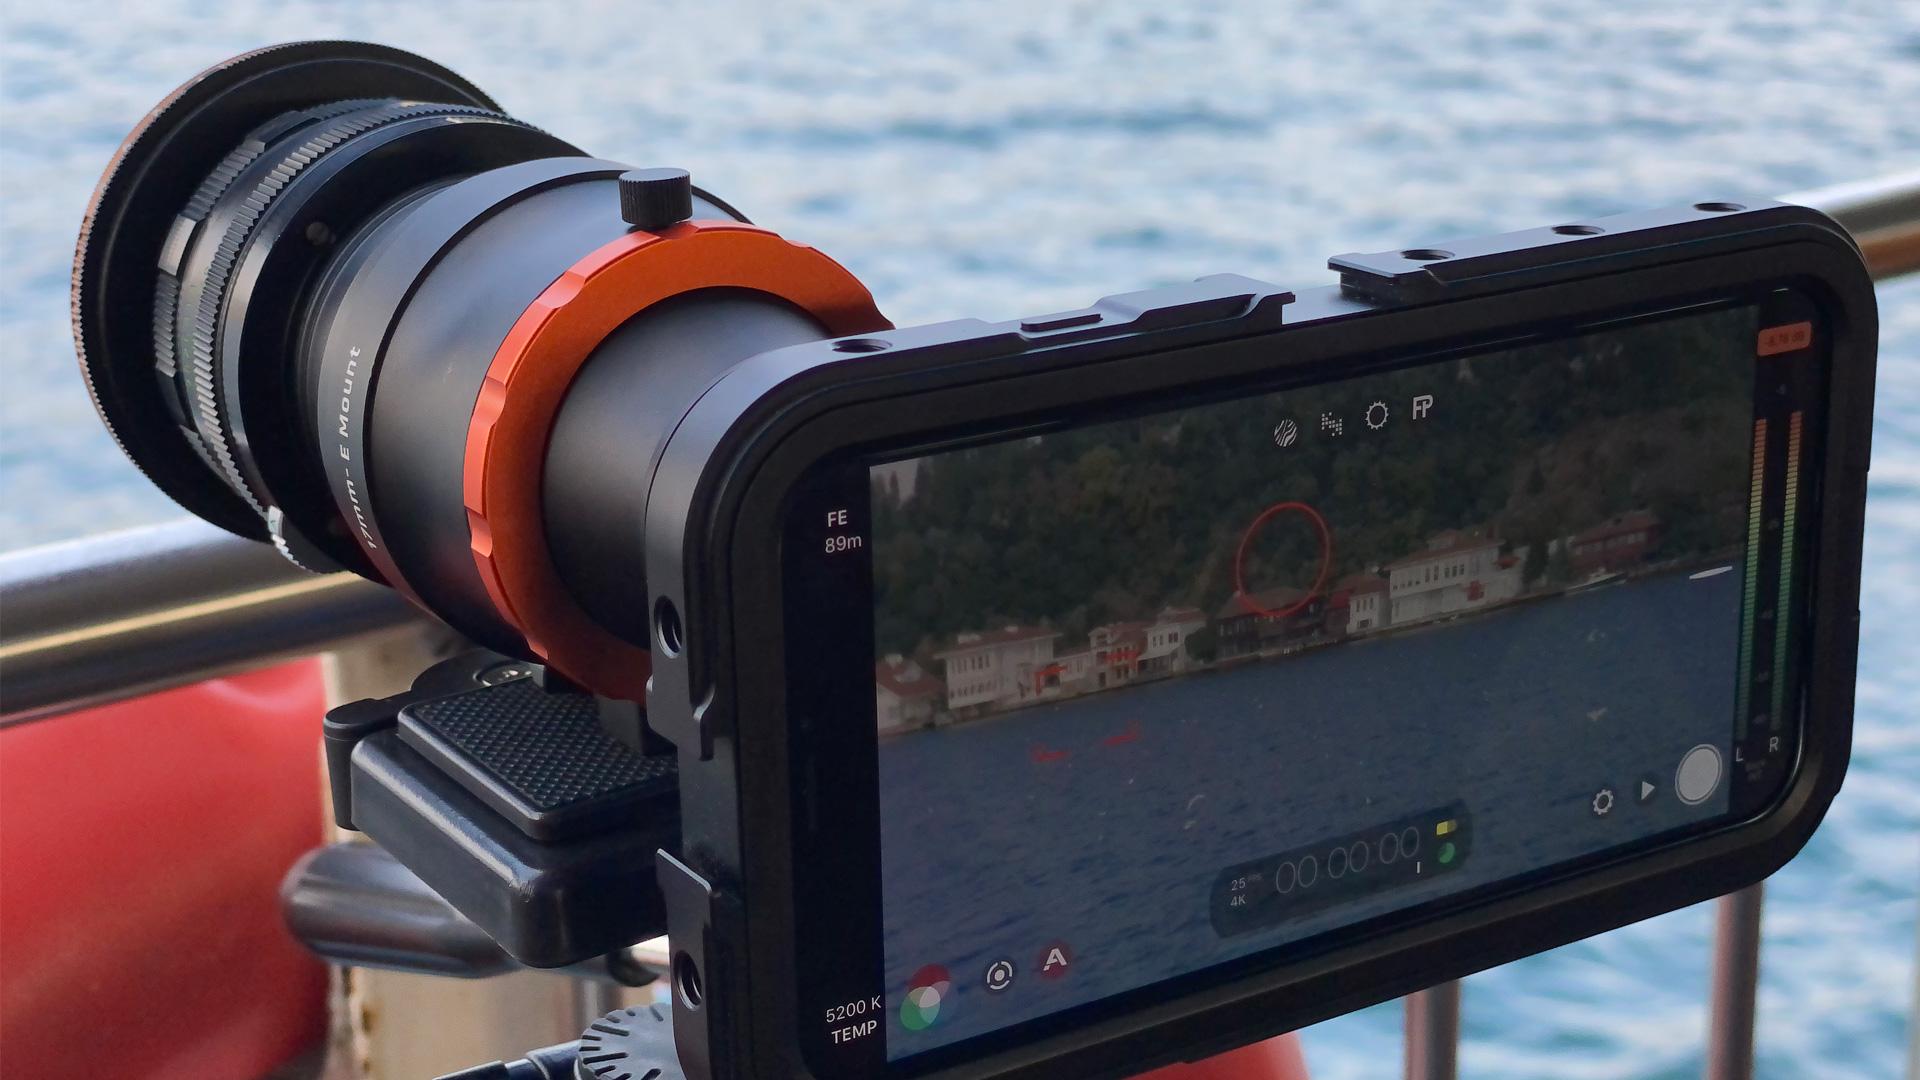 ¿Videos cinematográficos con tu iPhone? - Reseña del adaptador Ulanzi DOF - Consejos y trucos